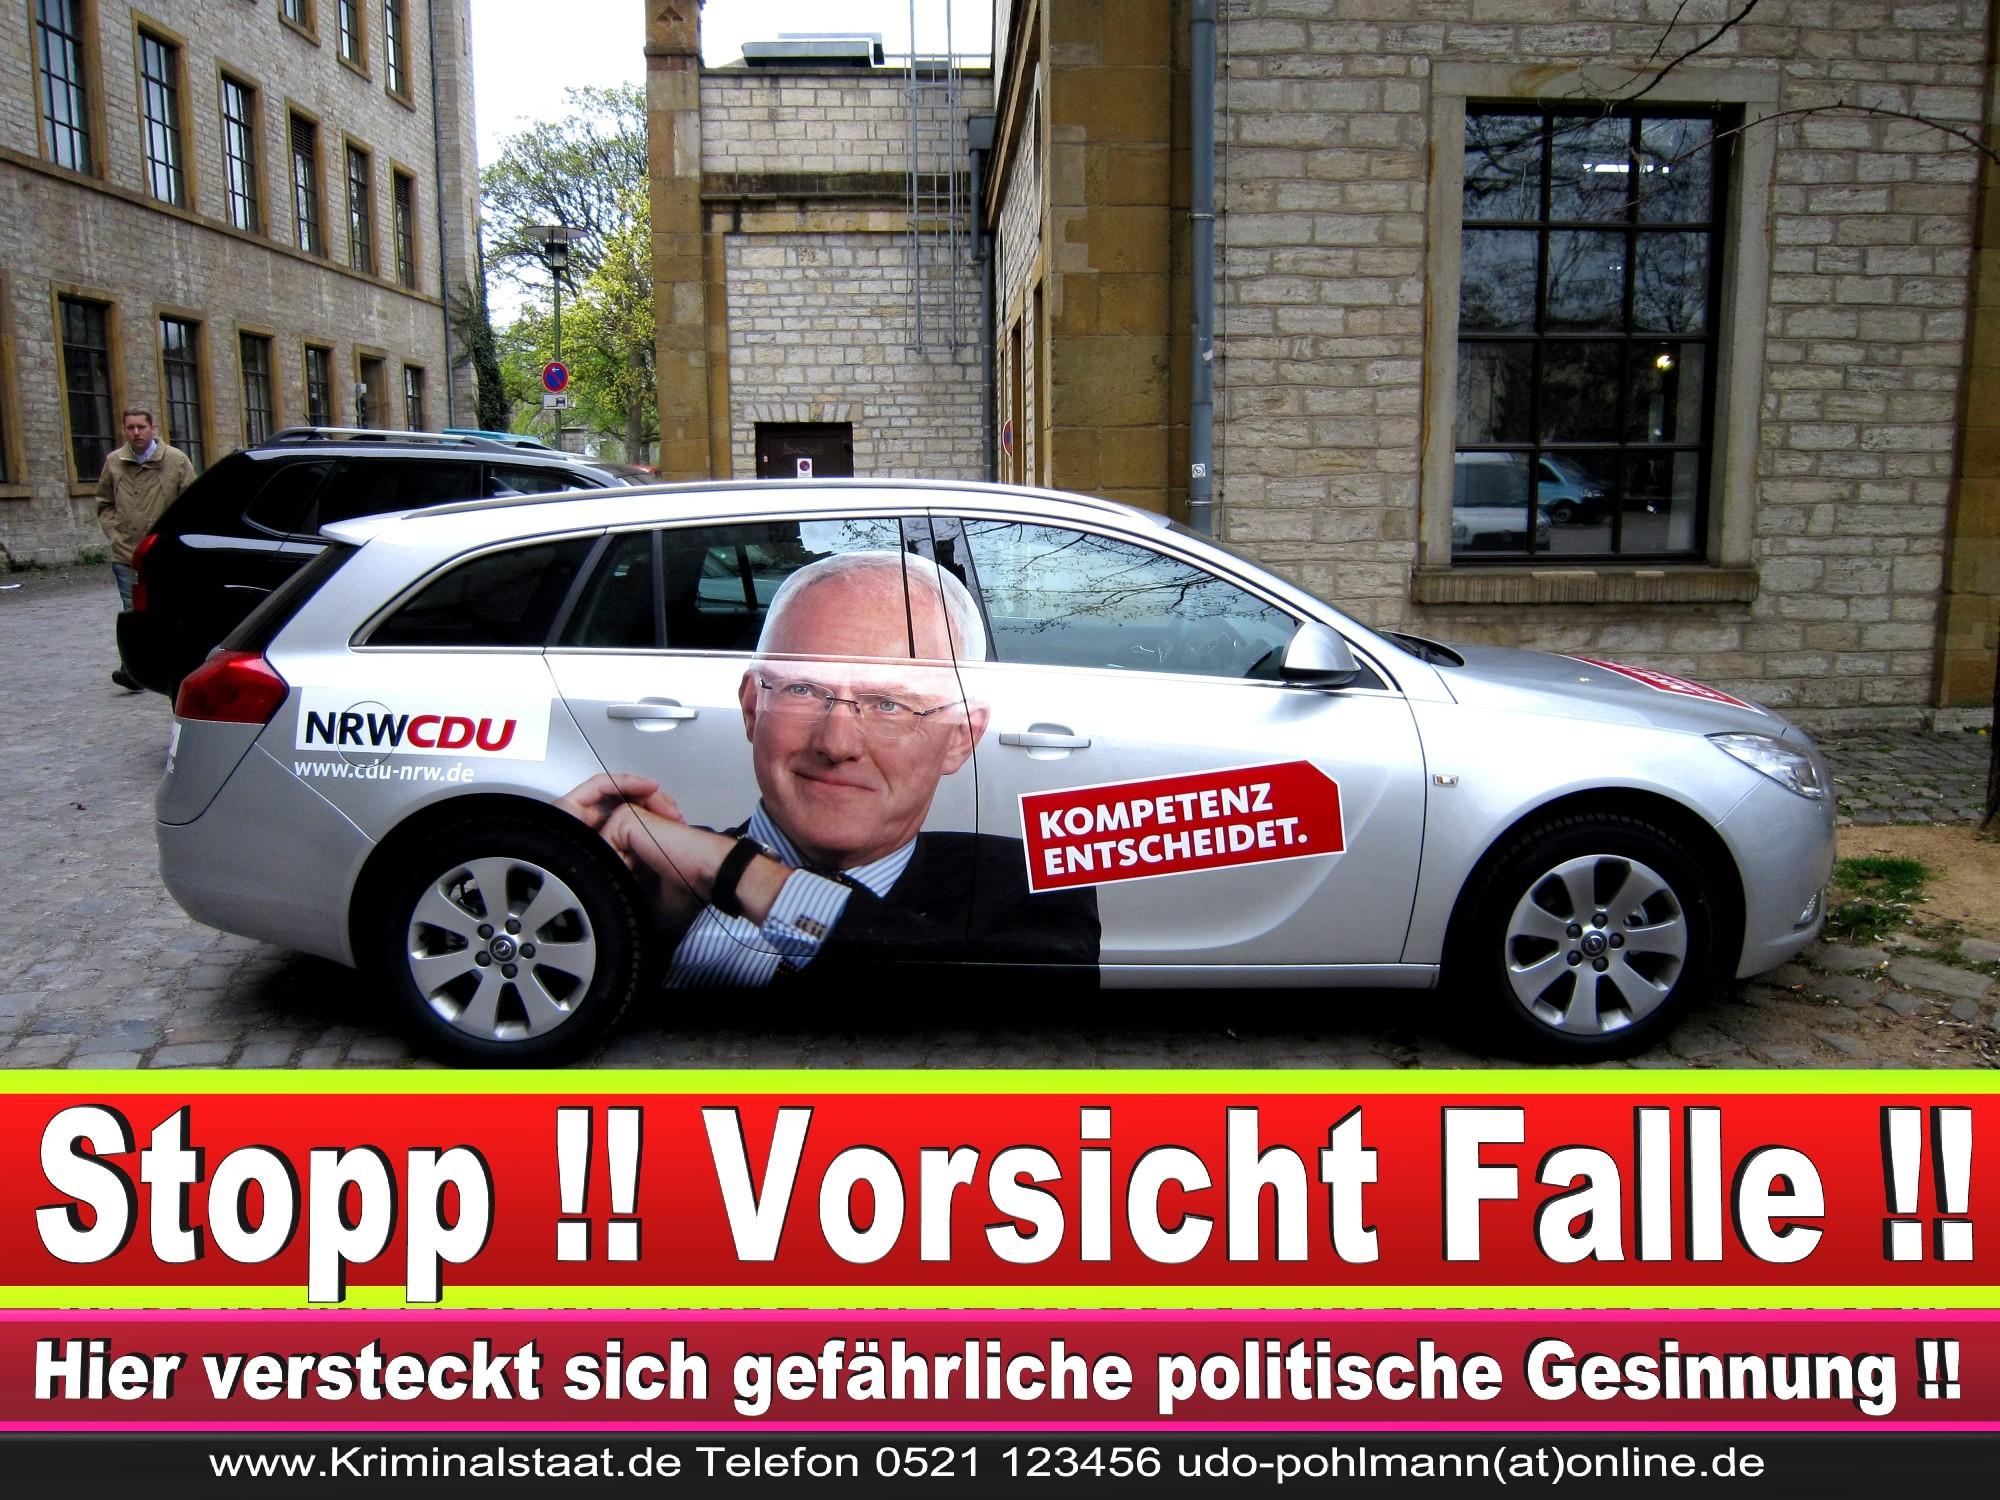 Wahlwerbung Wahlplakate Landtagswahl 2019 Europawahl CDU SPD FDP 2021 (8)